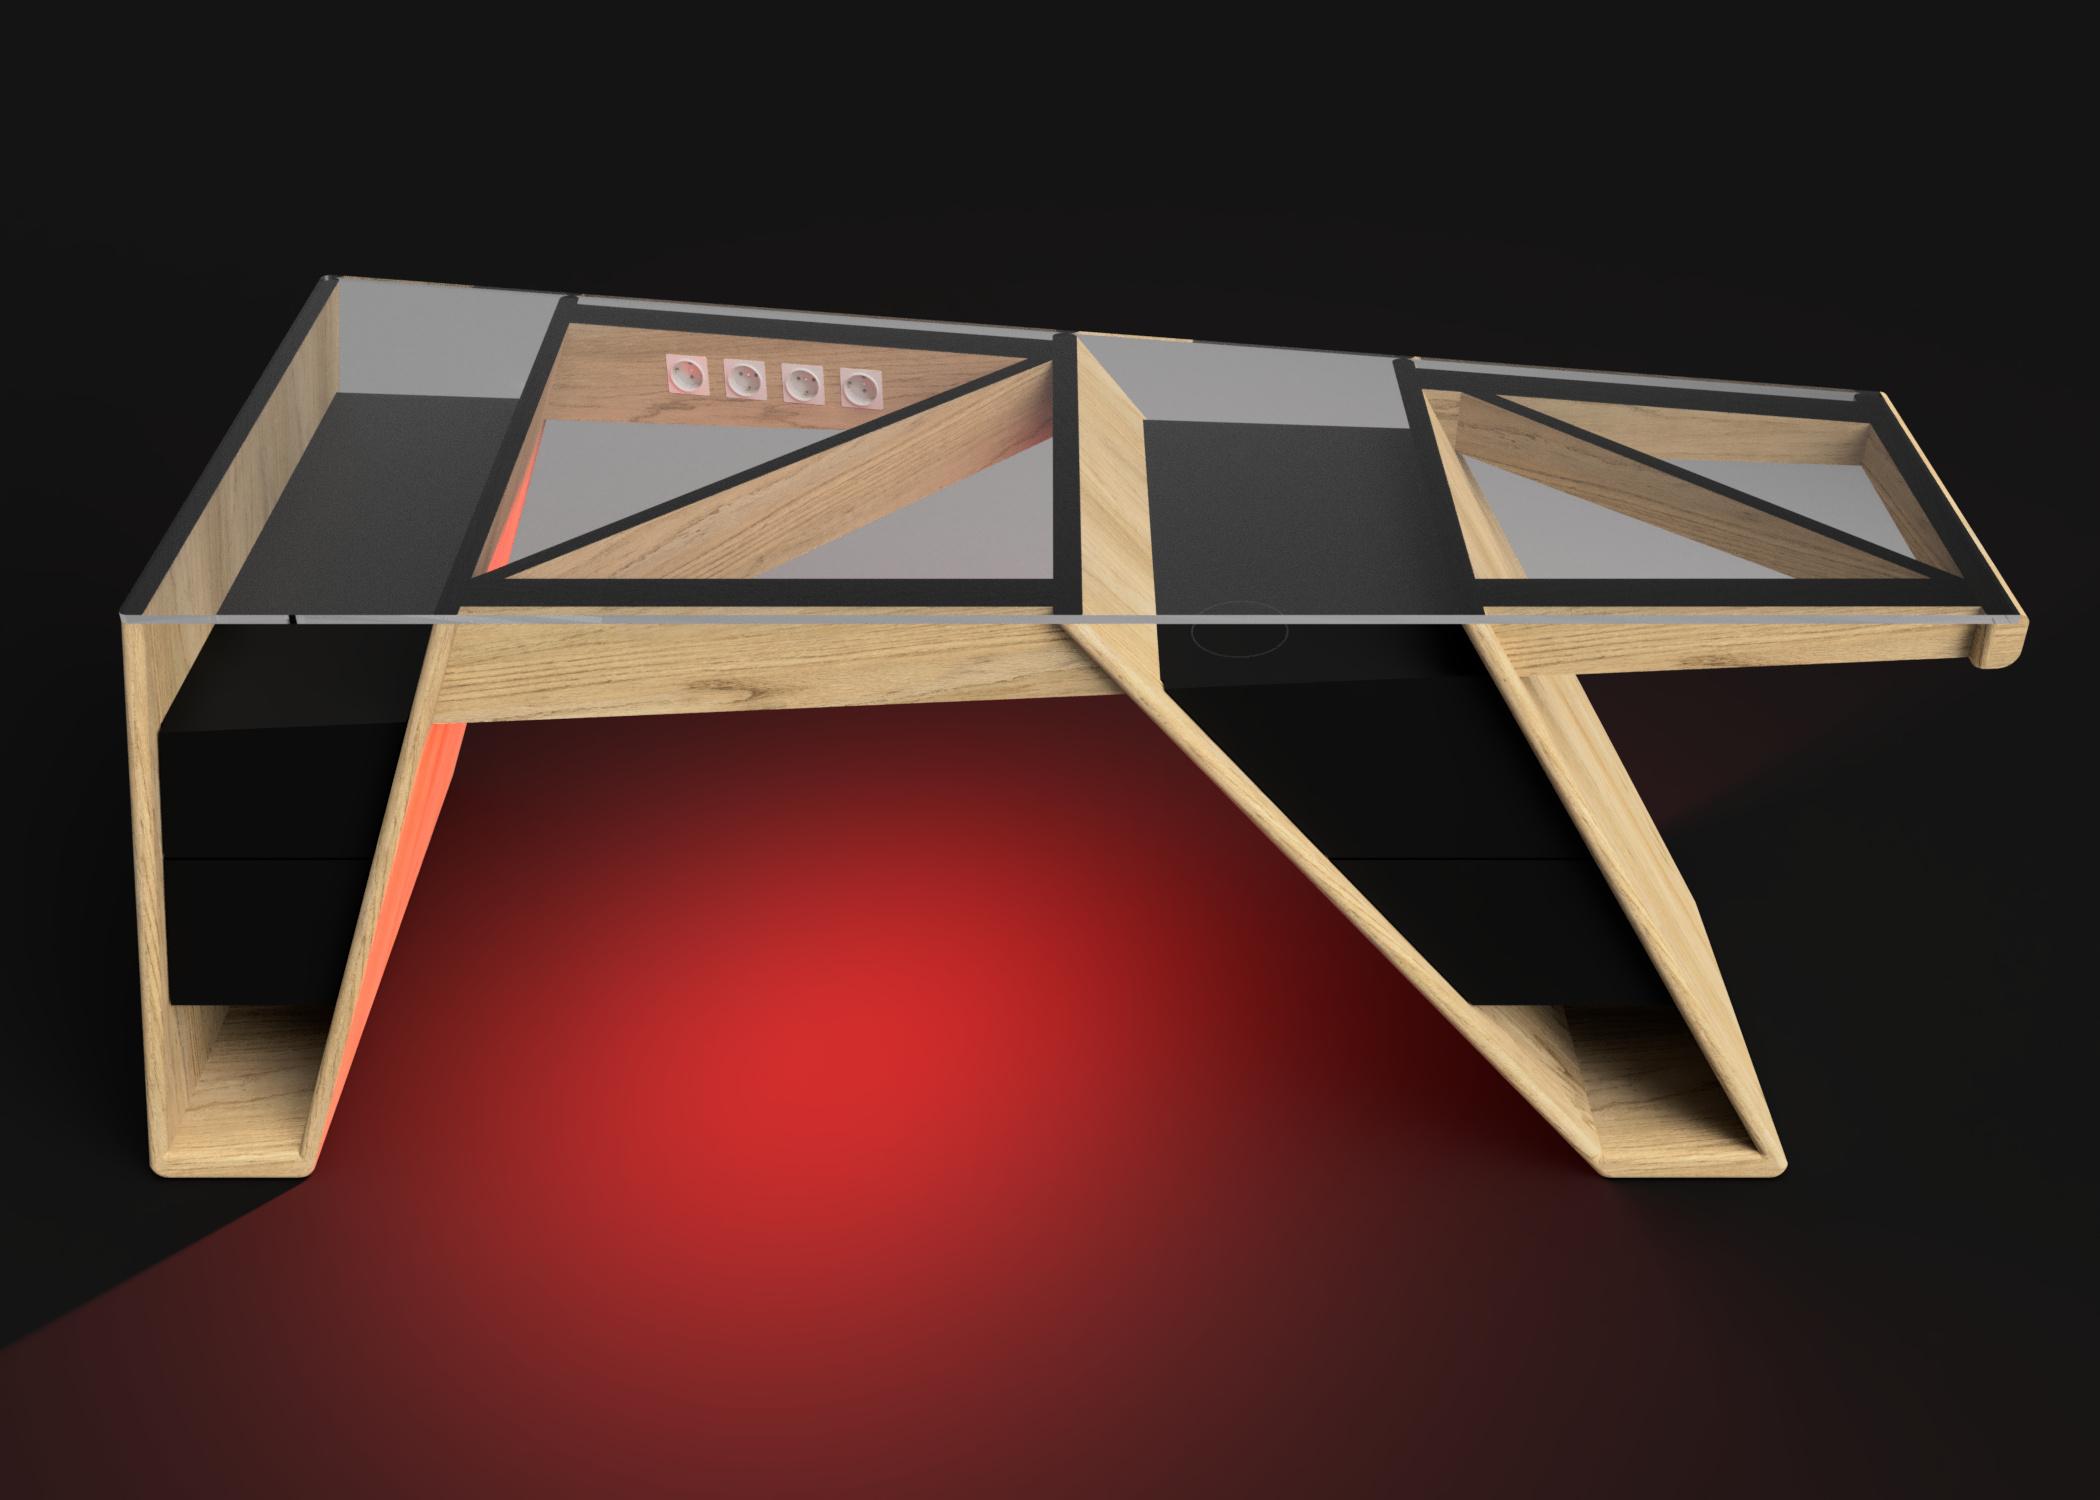 Mesa modelo Klemm luz roja